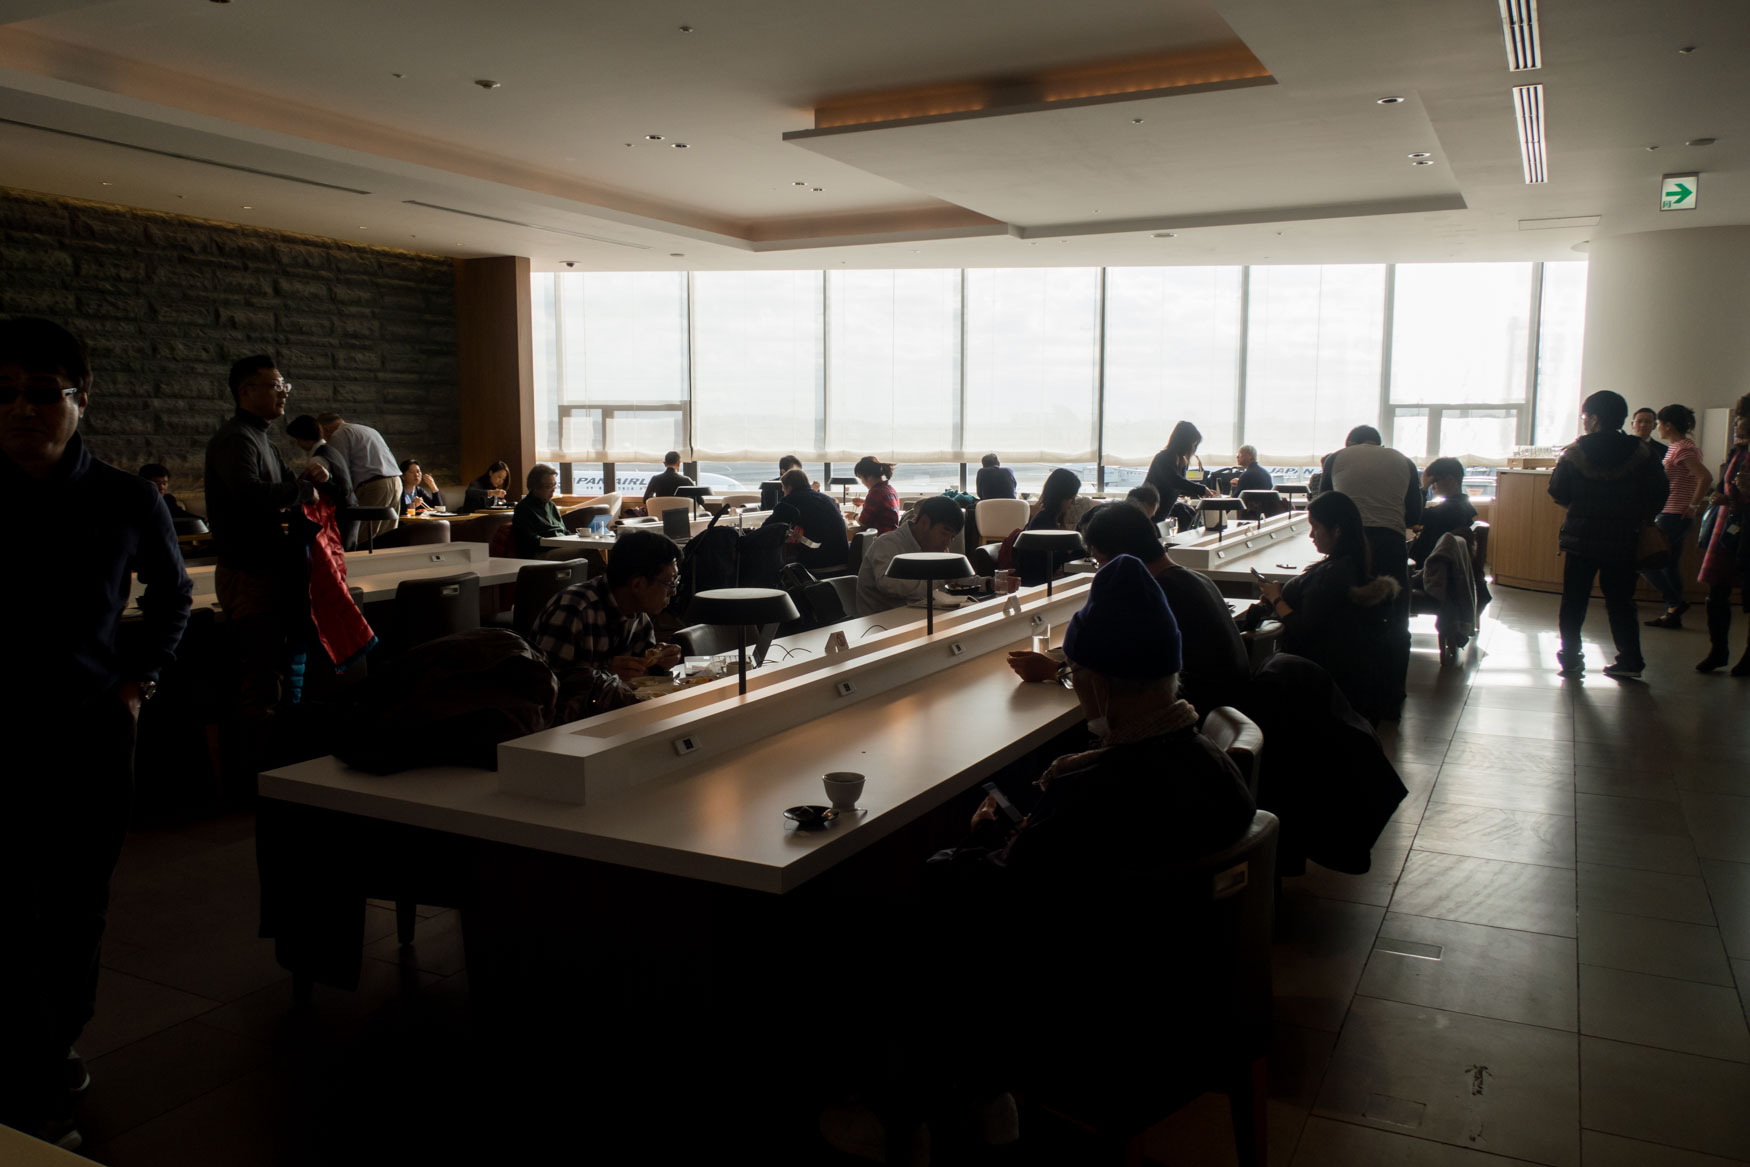 JAL Sakura Lounge Tokyo Narita Dining Area